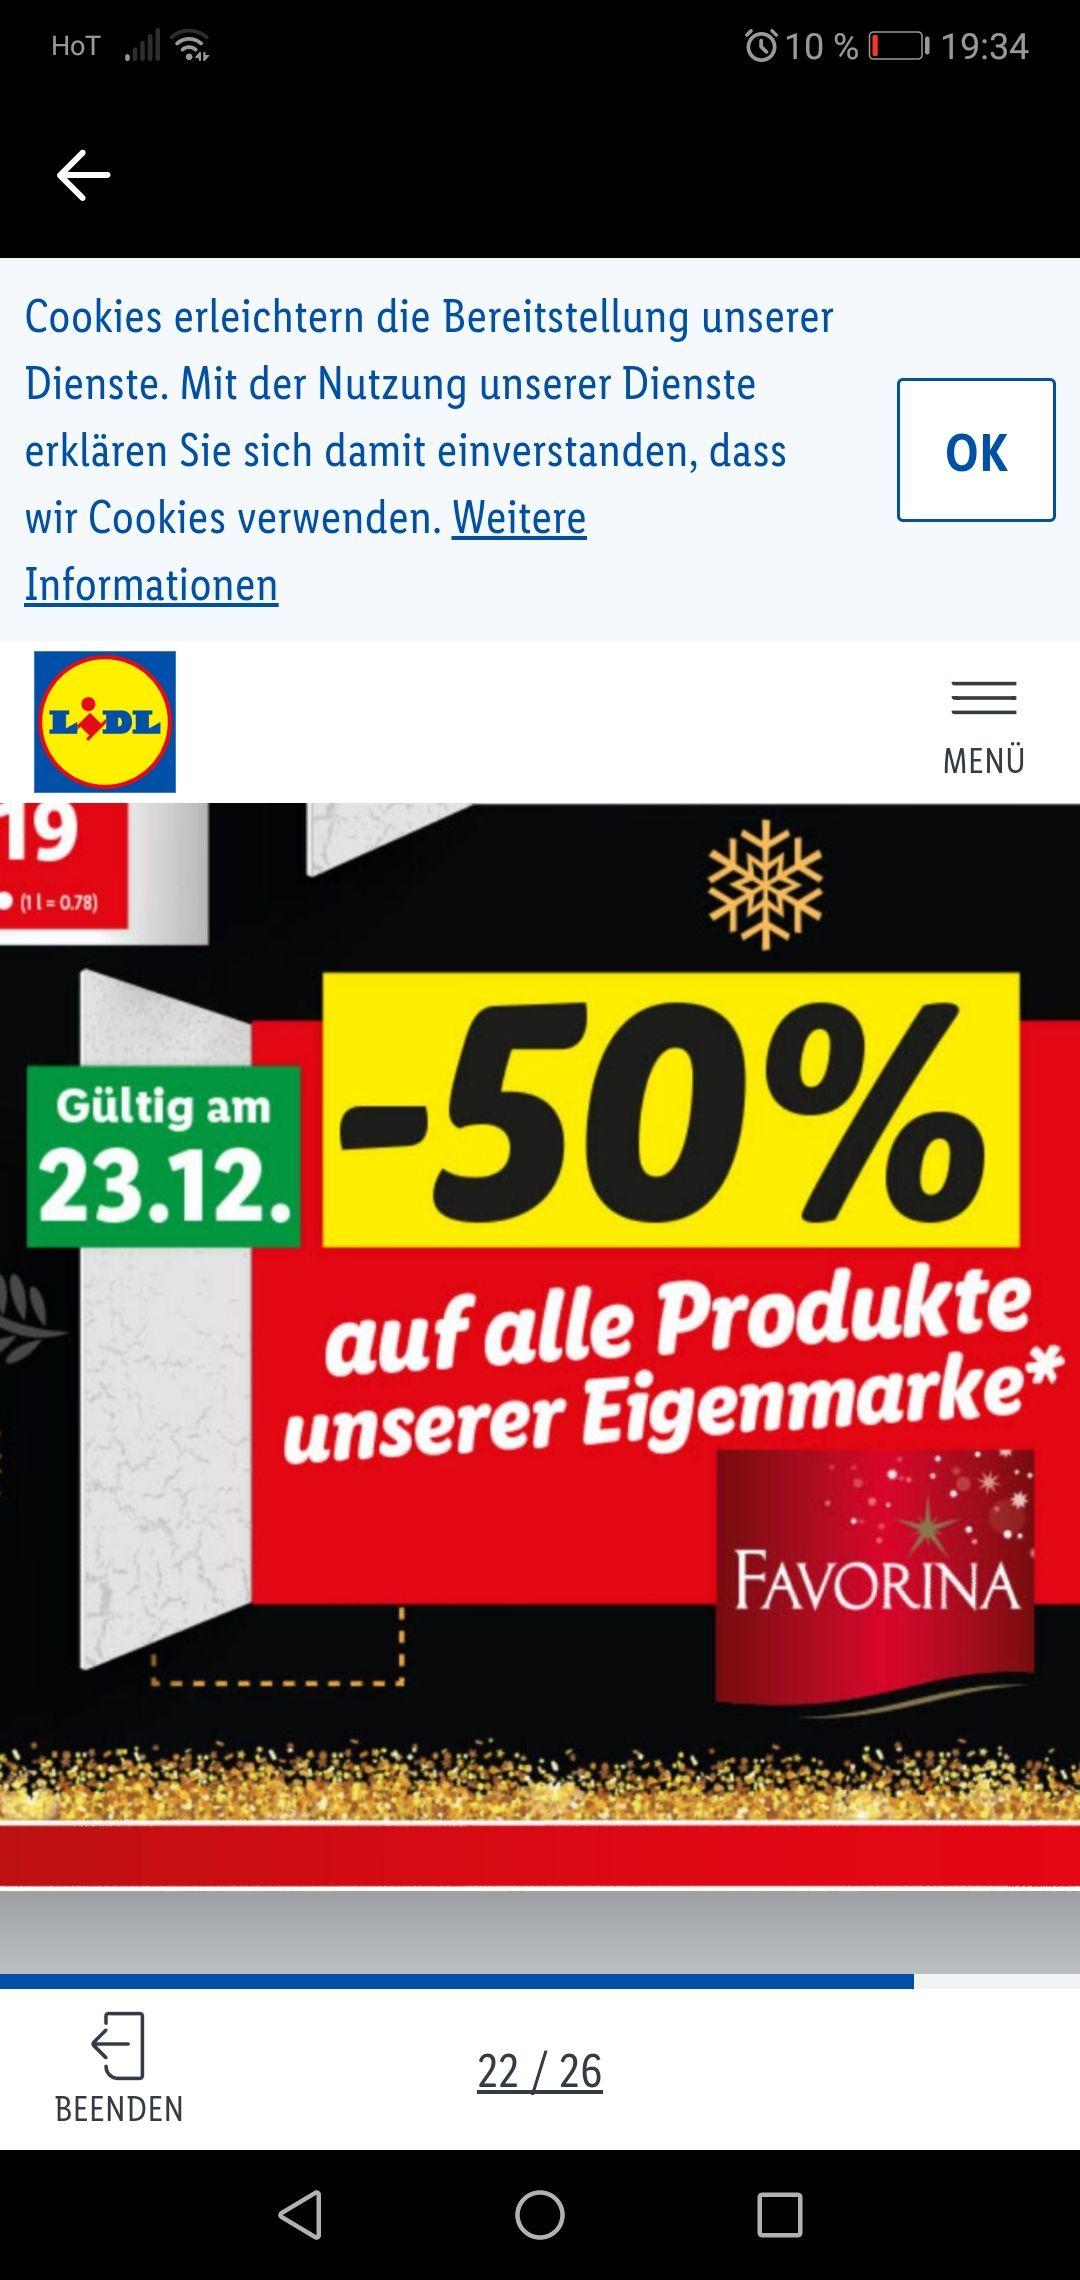 Lidl minus 50 Prozent auf alle Produkte der eigenmarke favorina